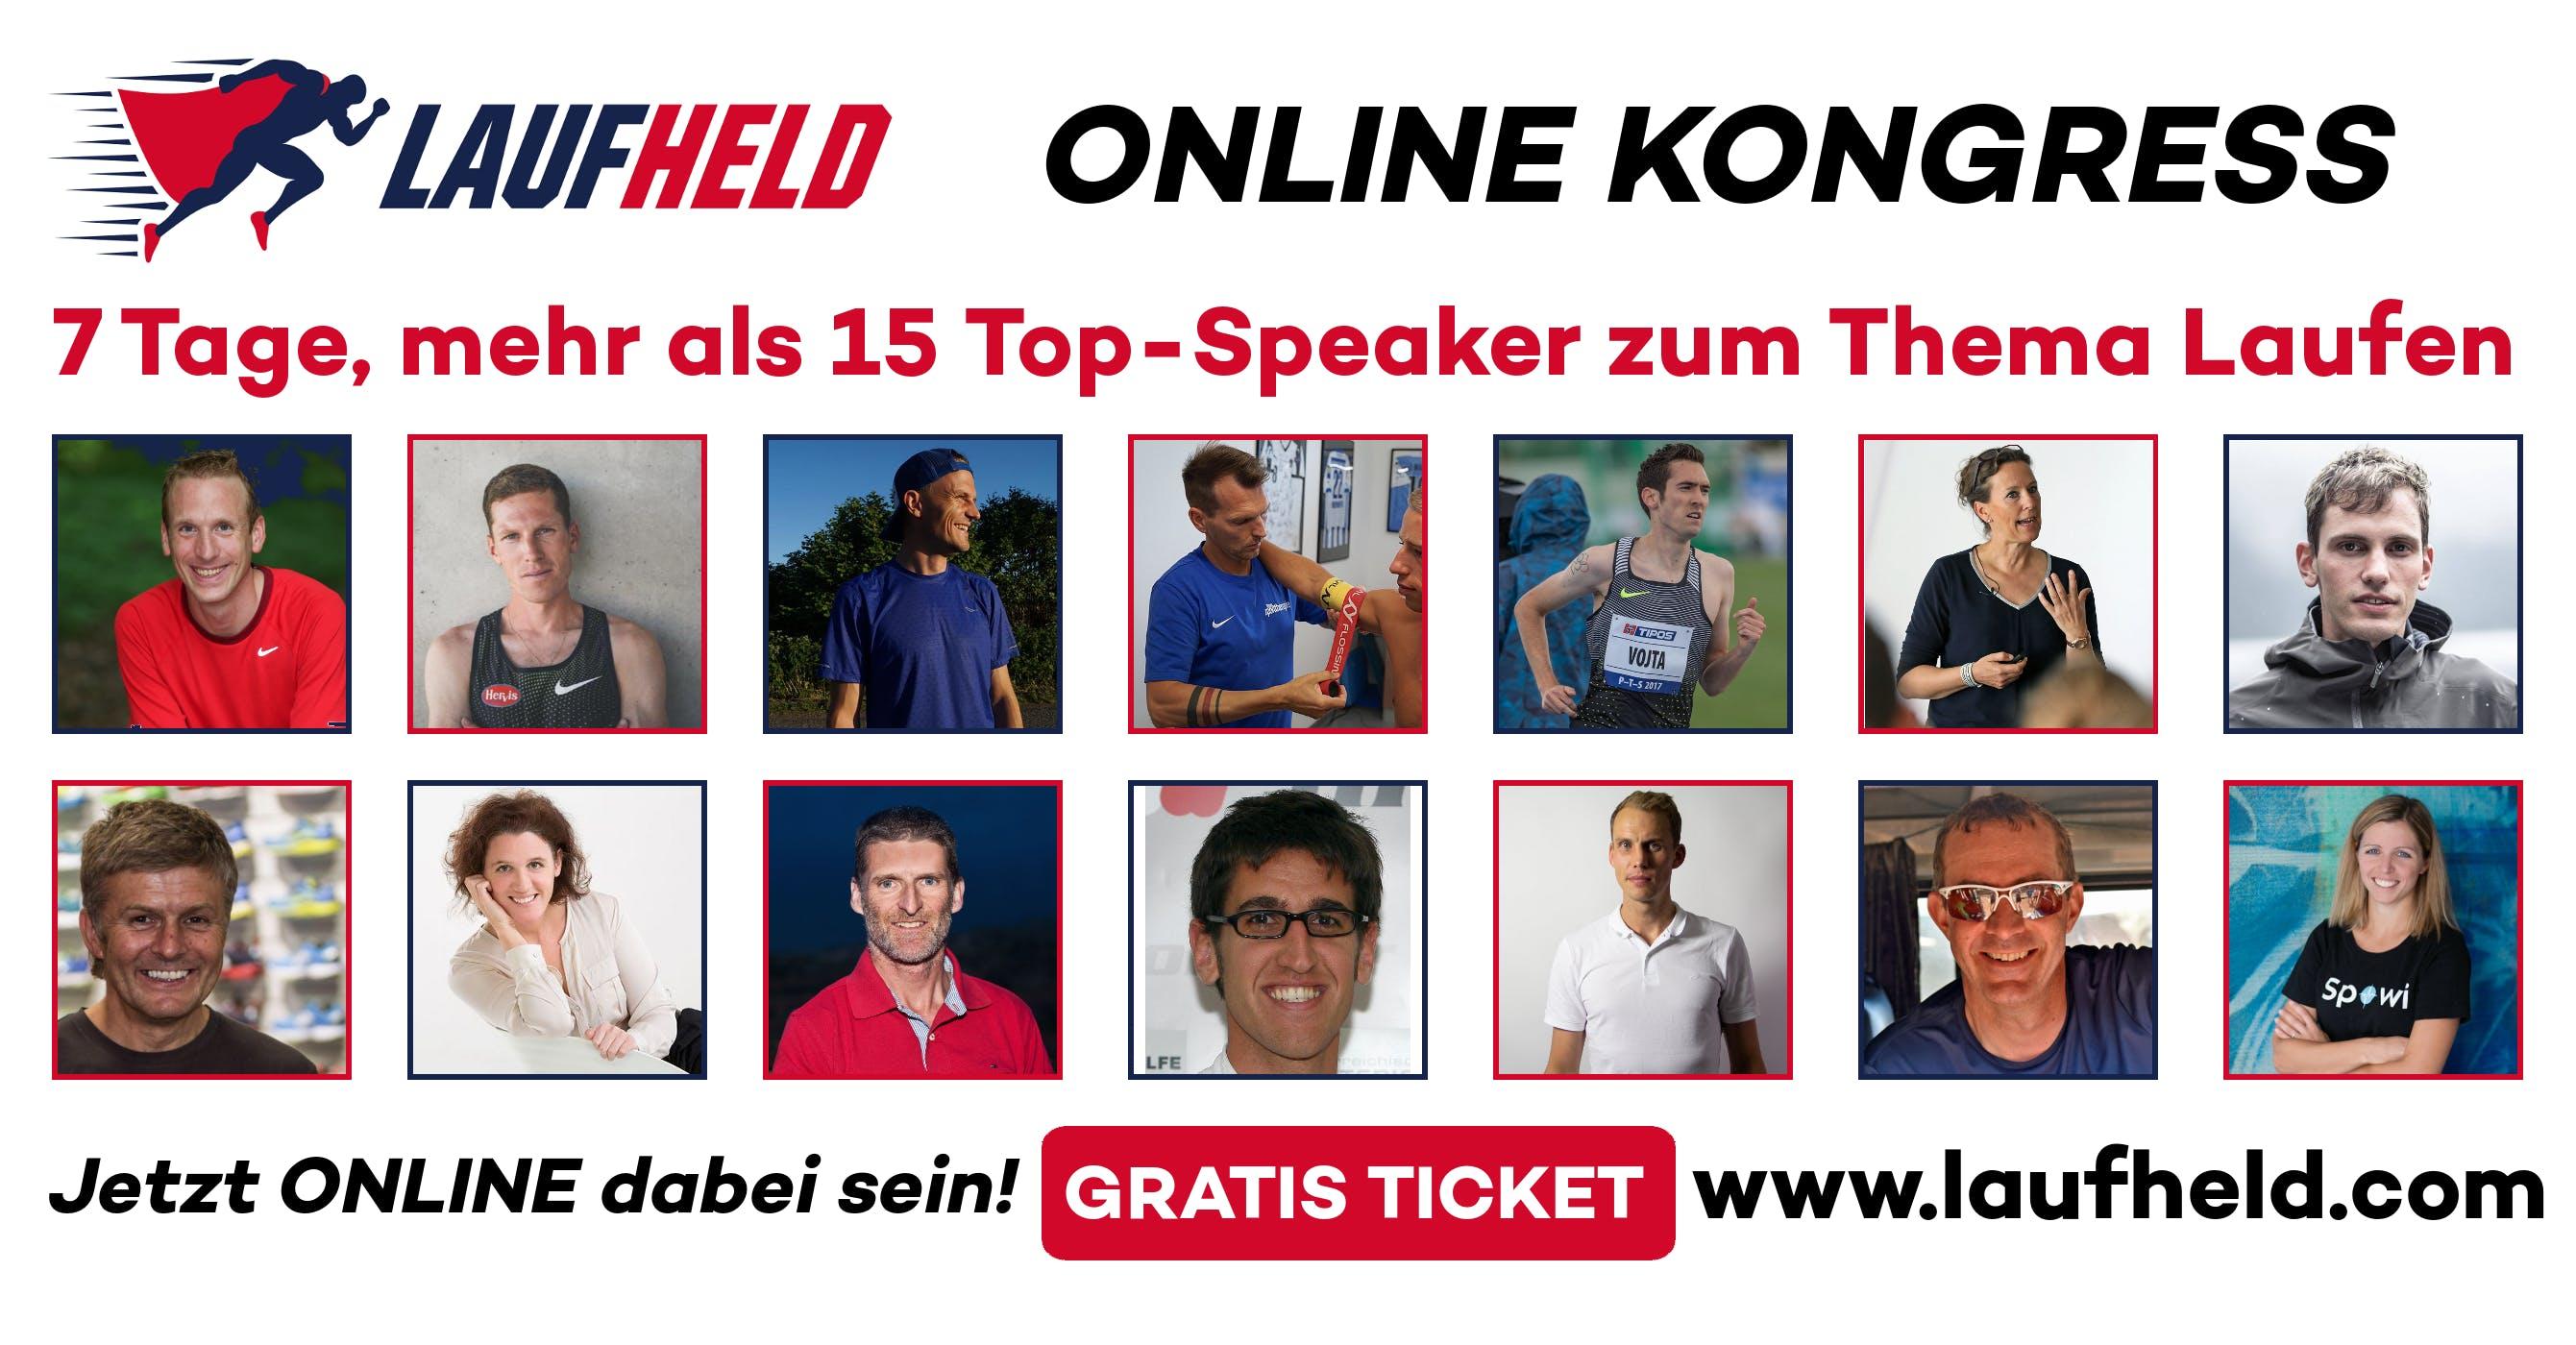 Laufheld Online Lauf-Kongress 2: Lerne in 7 Tagen von Top-Lauf-Experten (Zürich)